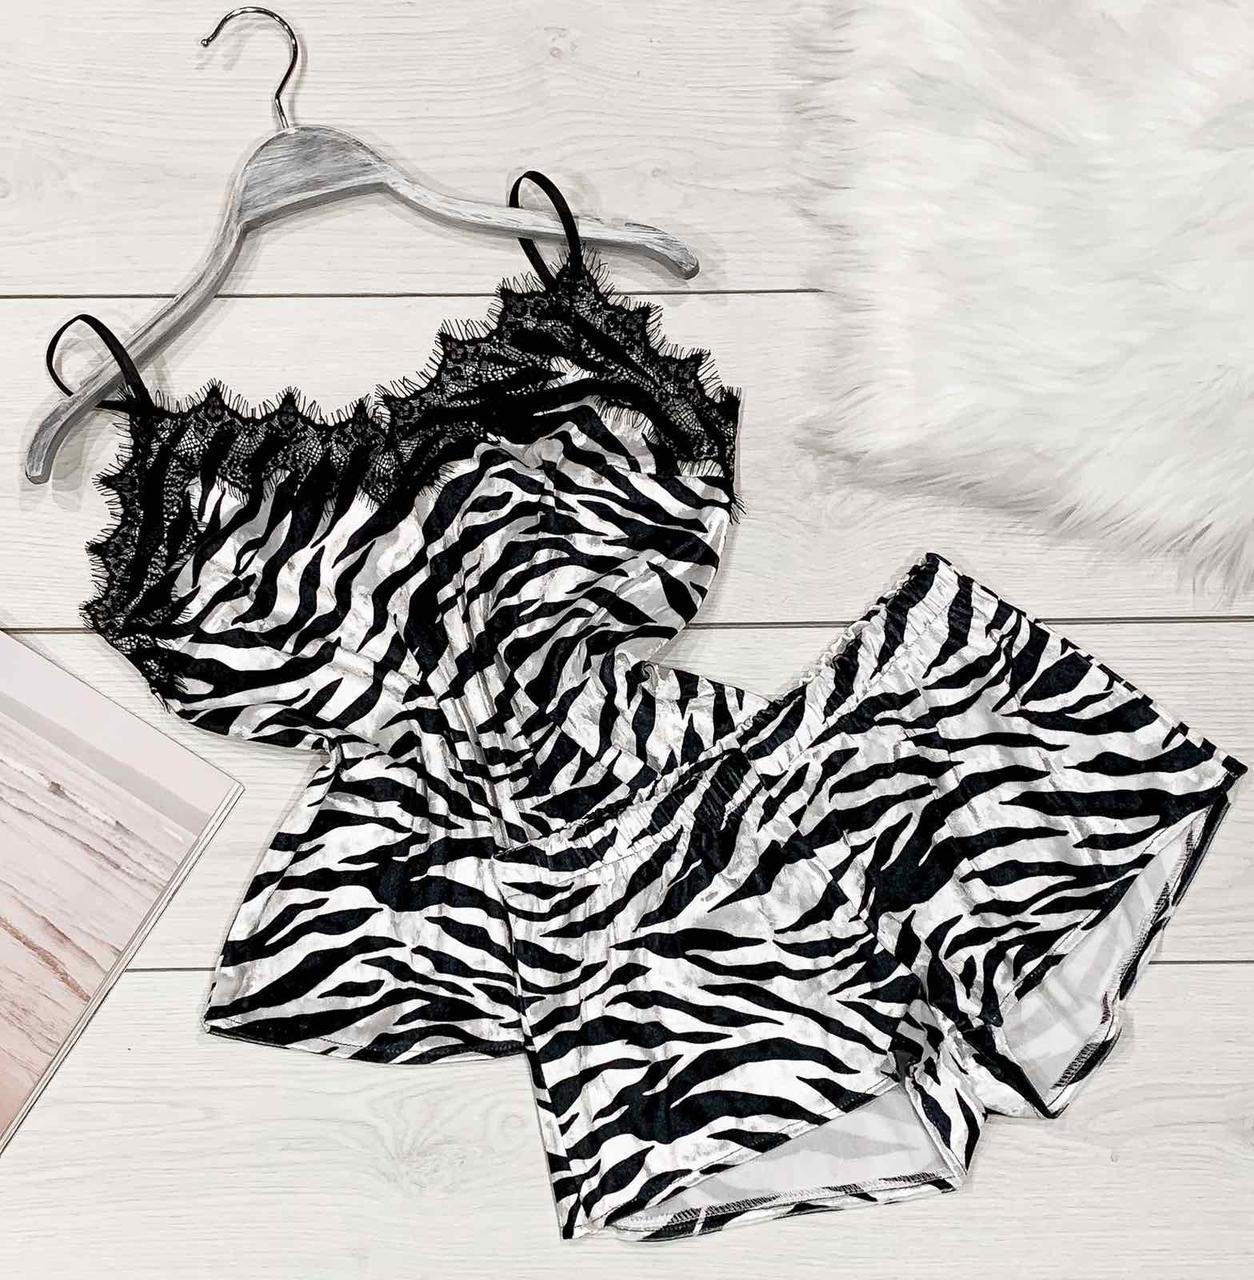 028_zebra.jpg